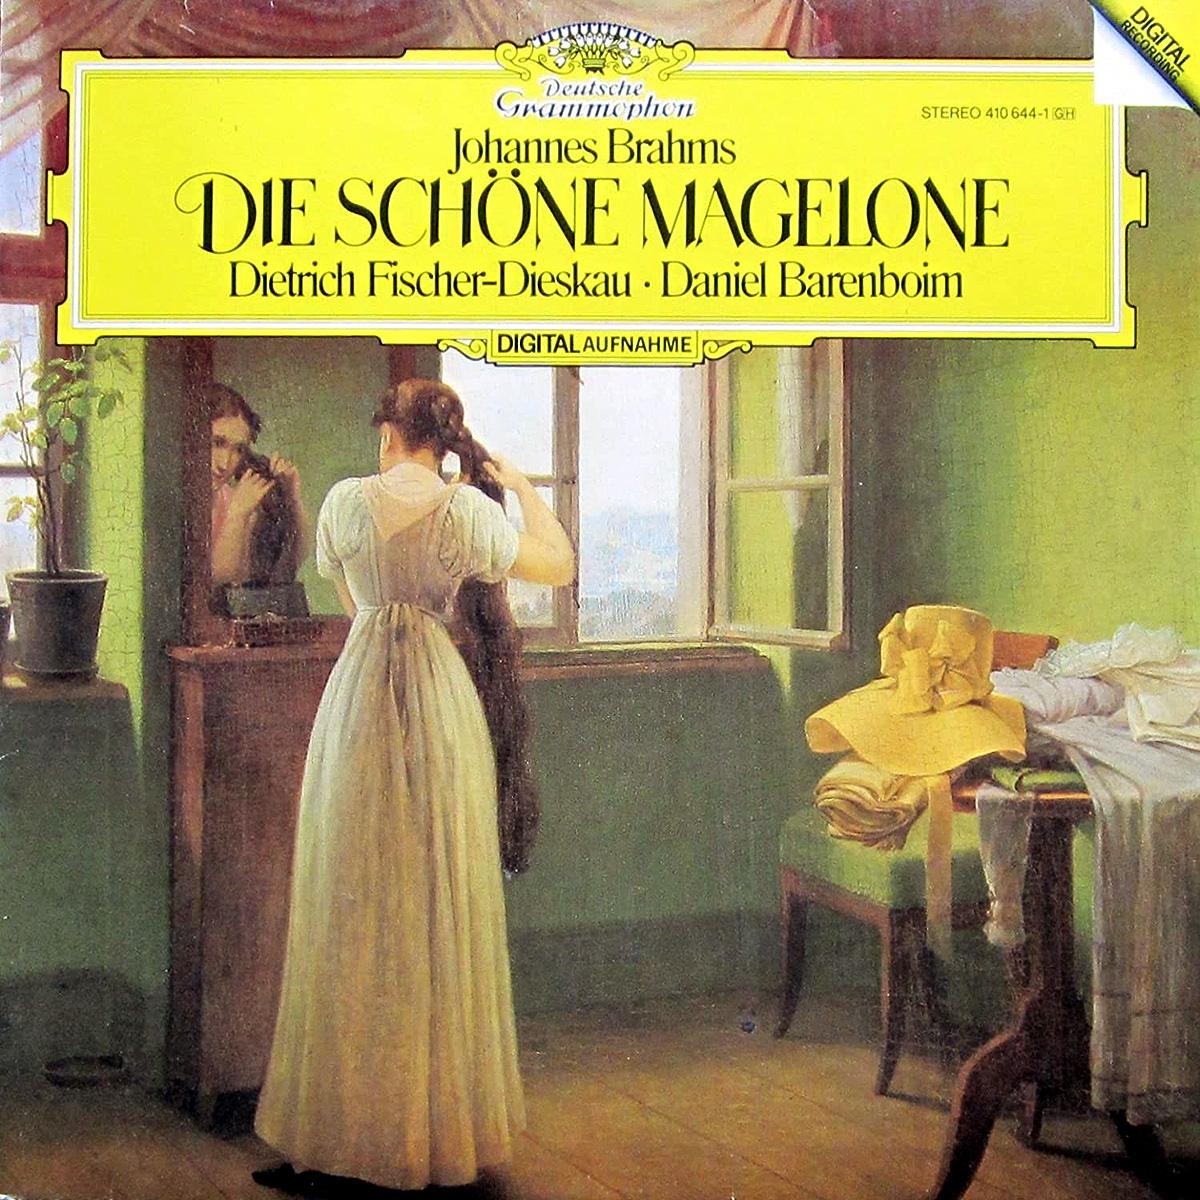 DGG 410 644 Brahms Die Shone Magelone Fischer Dieskau Barenboim DGG Digital Aufnahme